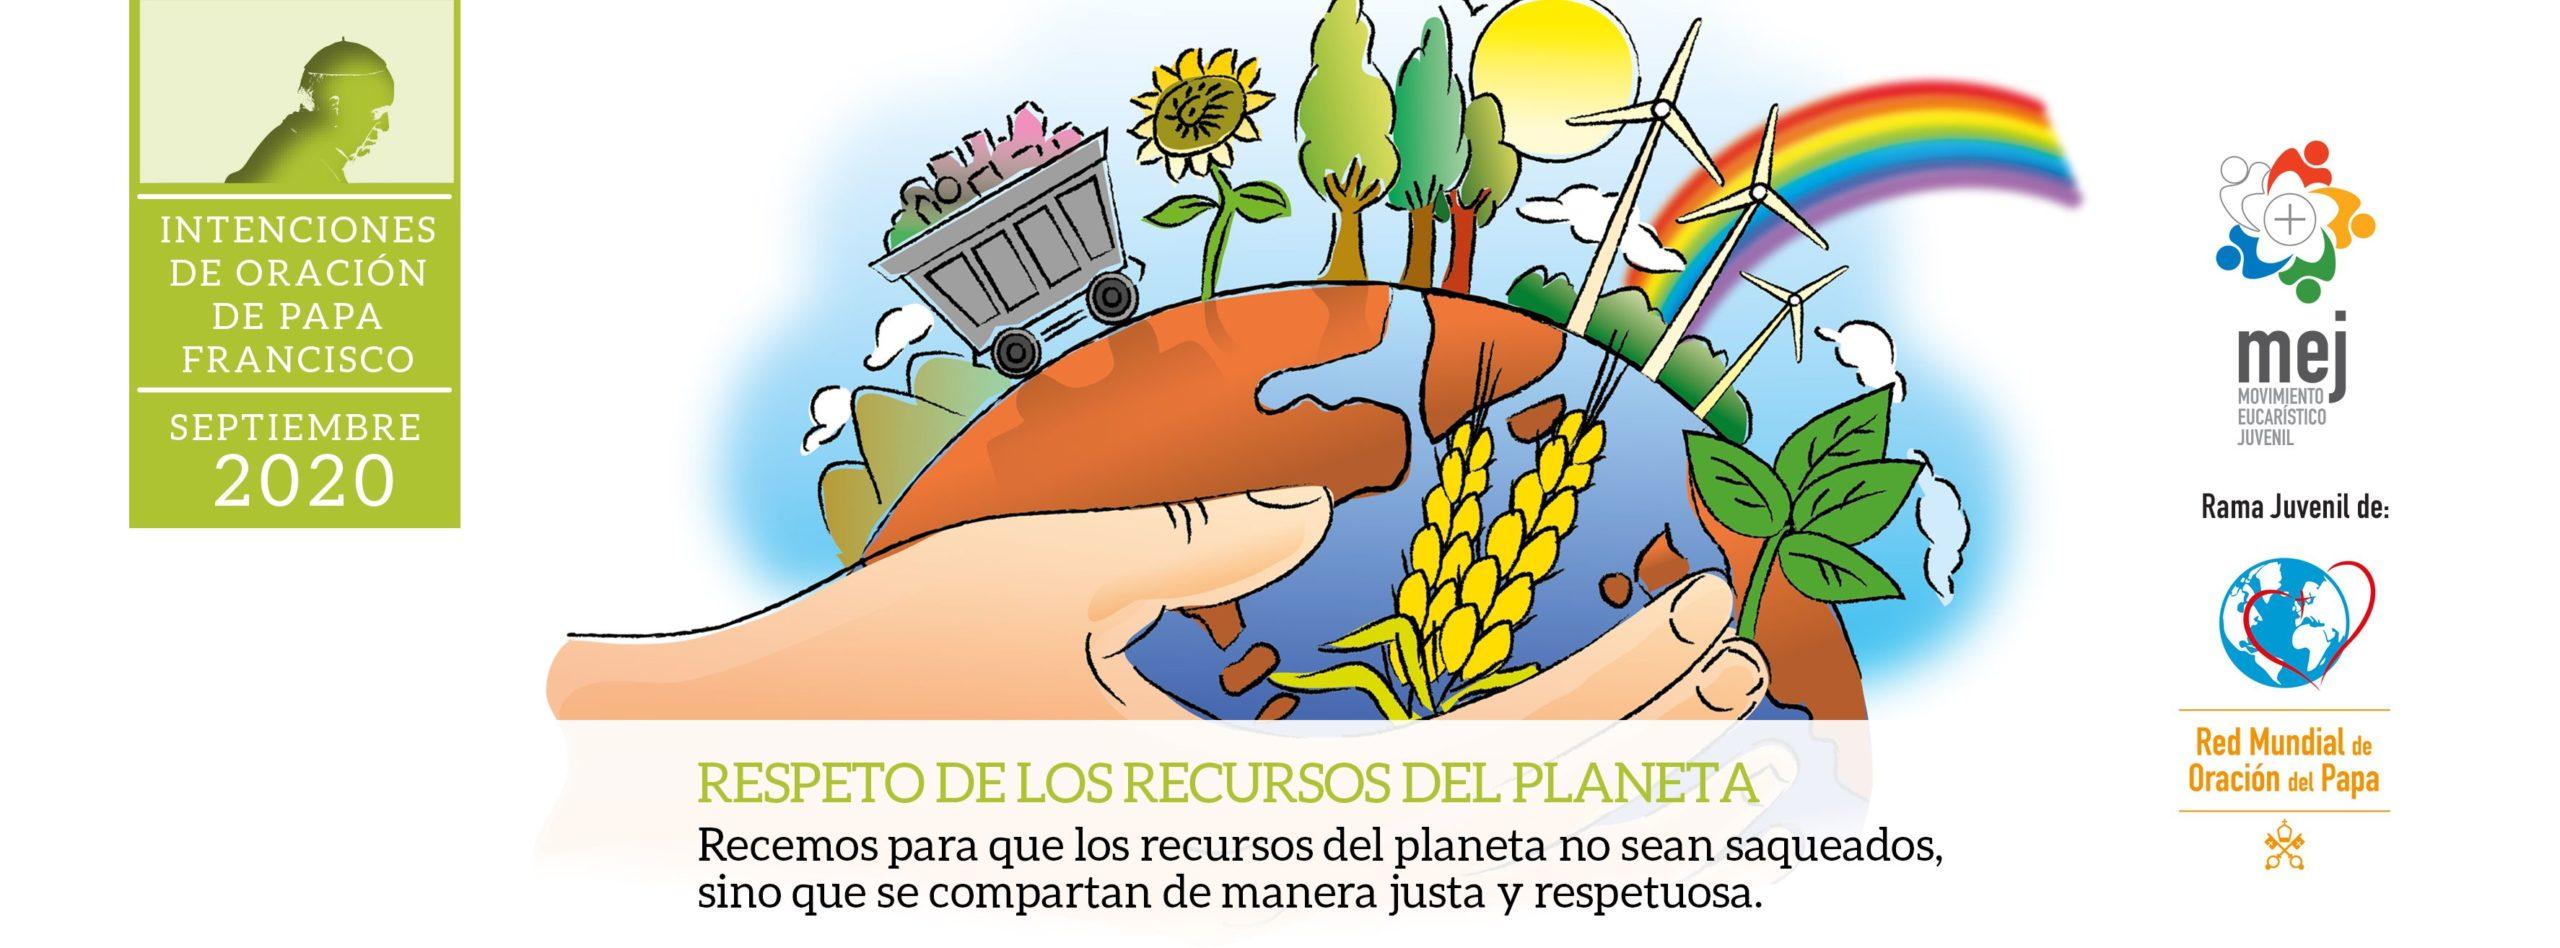 intenciones de oracion del papa recursos del planeta